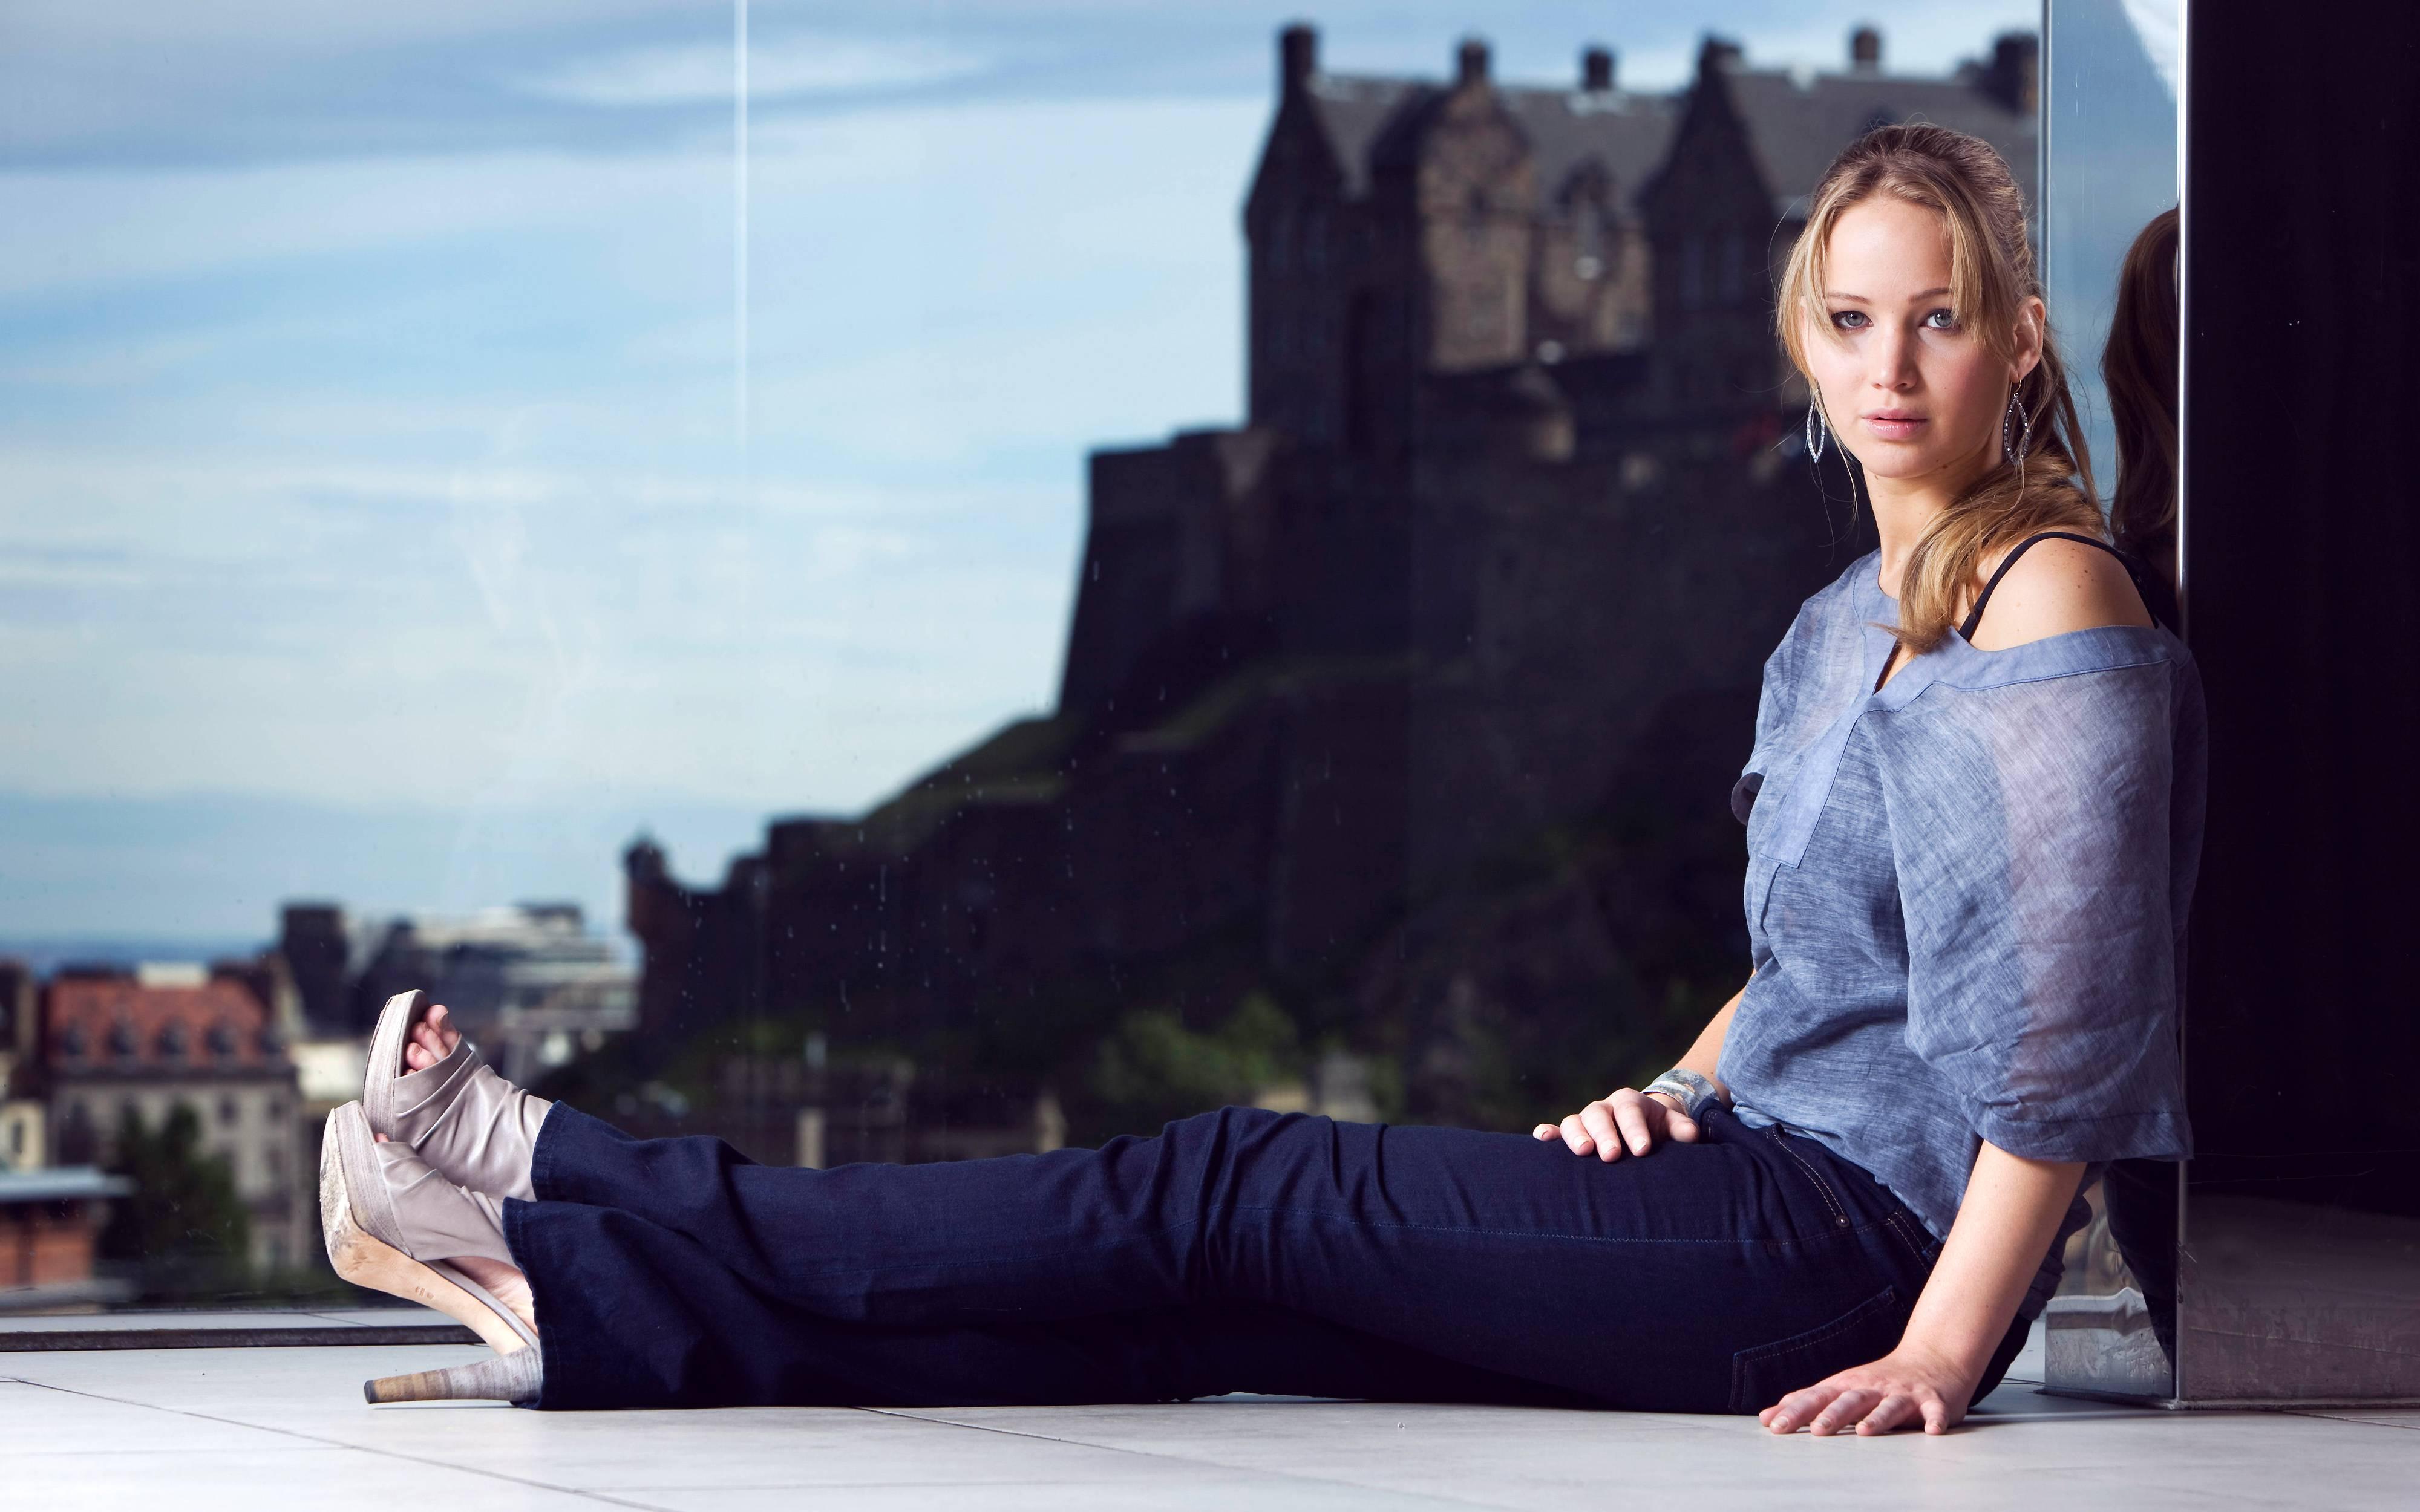 Jennifer Lawrence Hd Background Wallpaper 21 HD Wallpapers | www ...